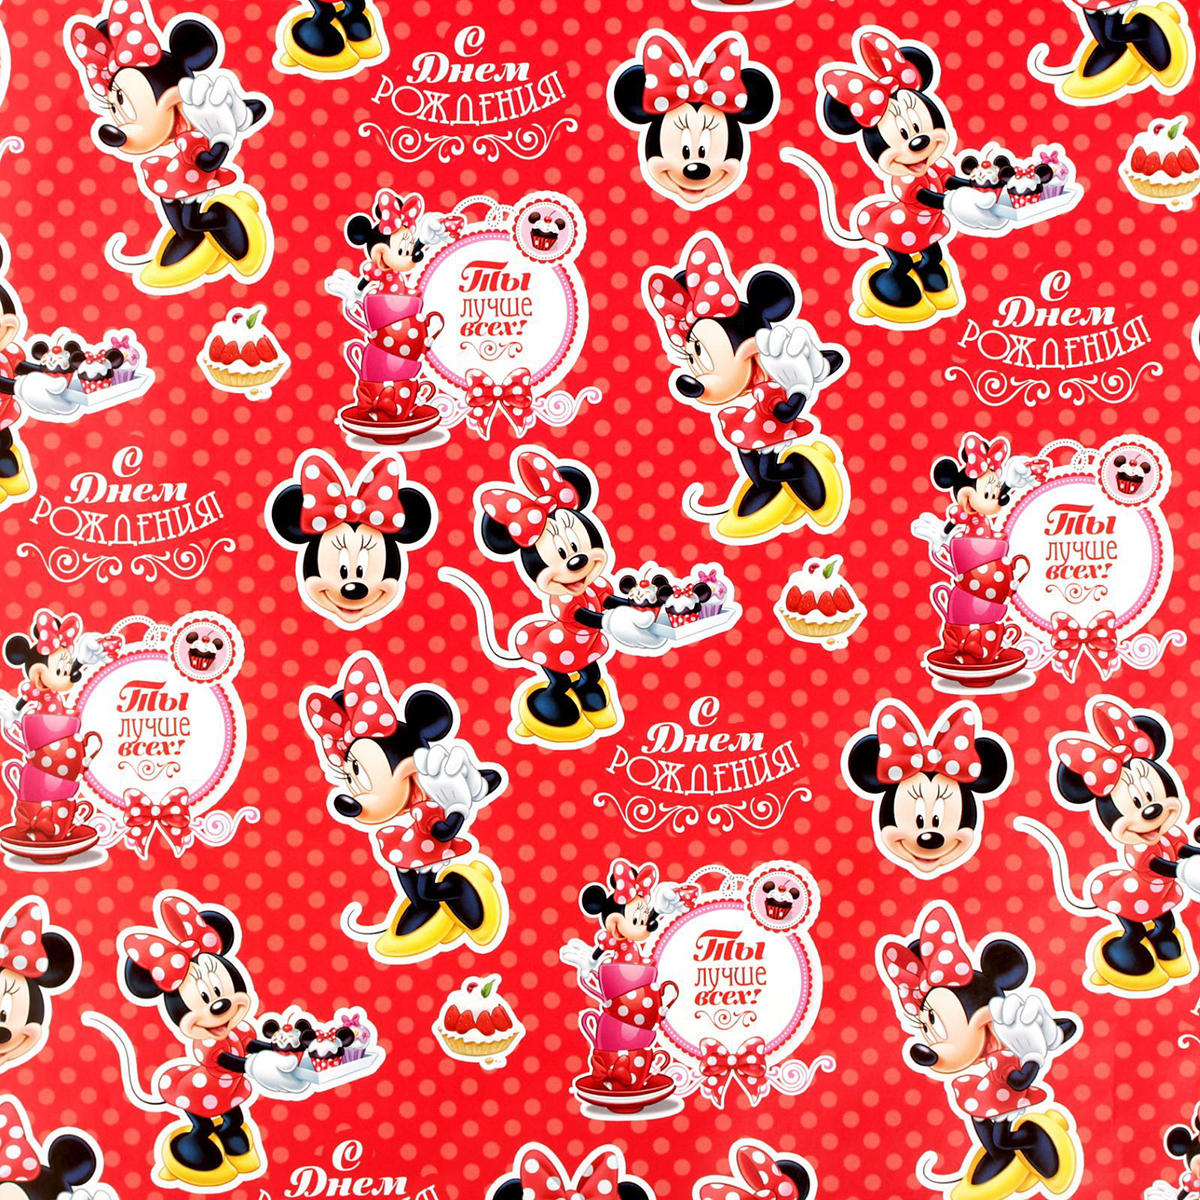 Бумага упаковочная Disney С Днем Рождения. Минни, глянцевая, 70 х 100 см. 2586448 бумага упаковочная disney с днем рождения самая милая минни маус глянцевая 70 х 100 см 2390649